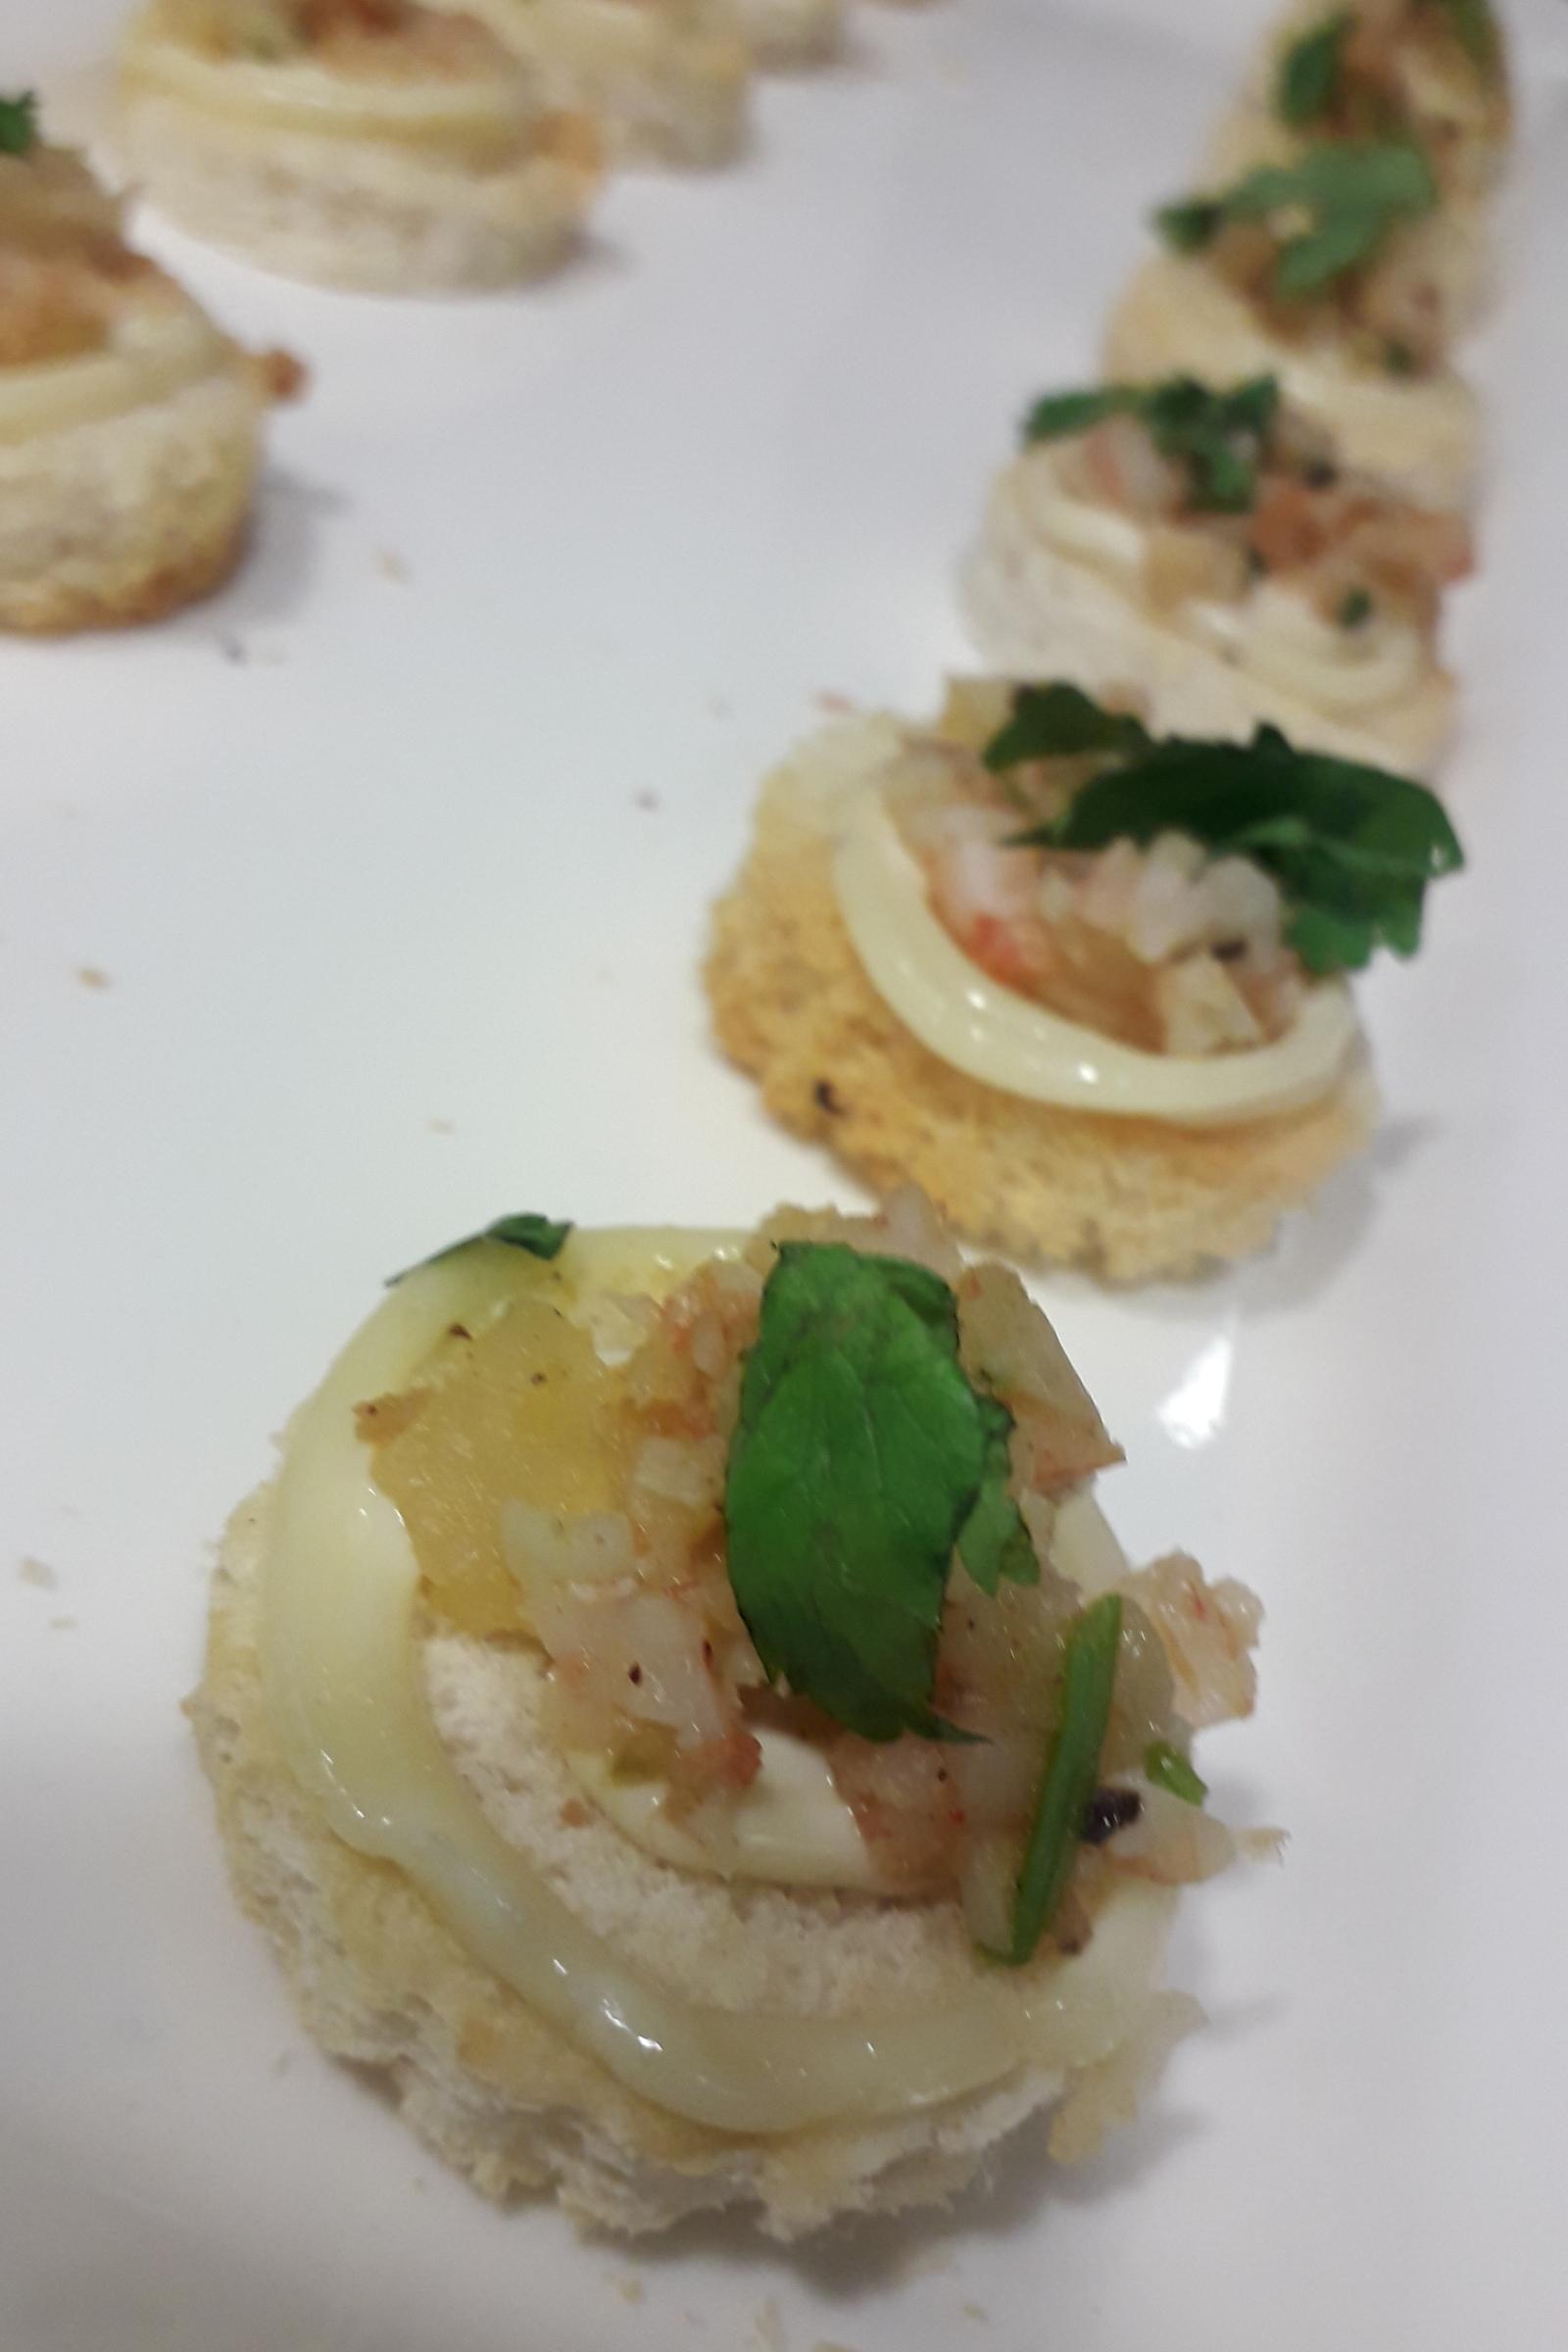 Canapé de camarão com maionese de alho